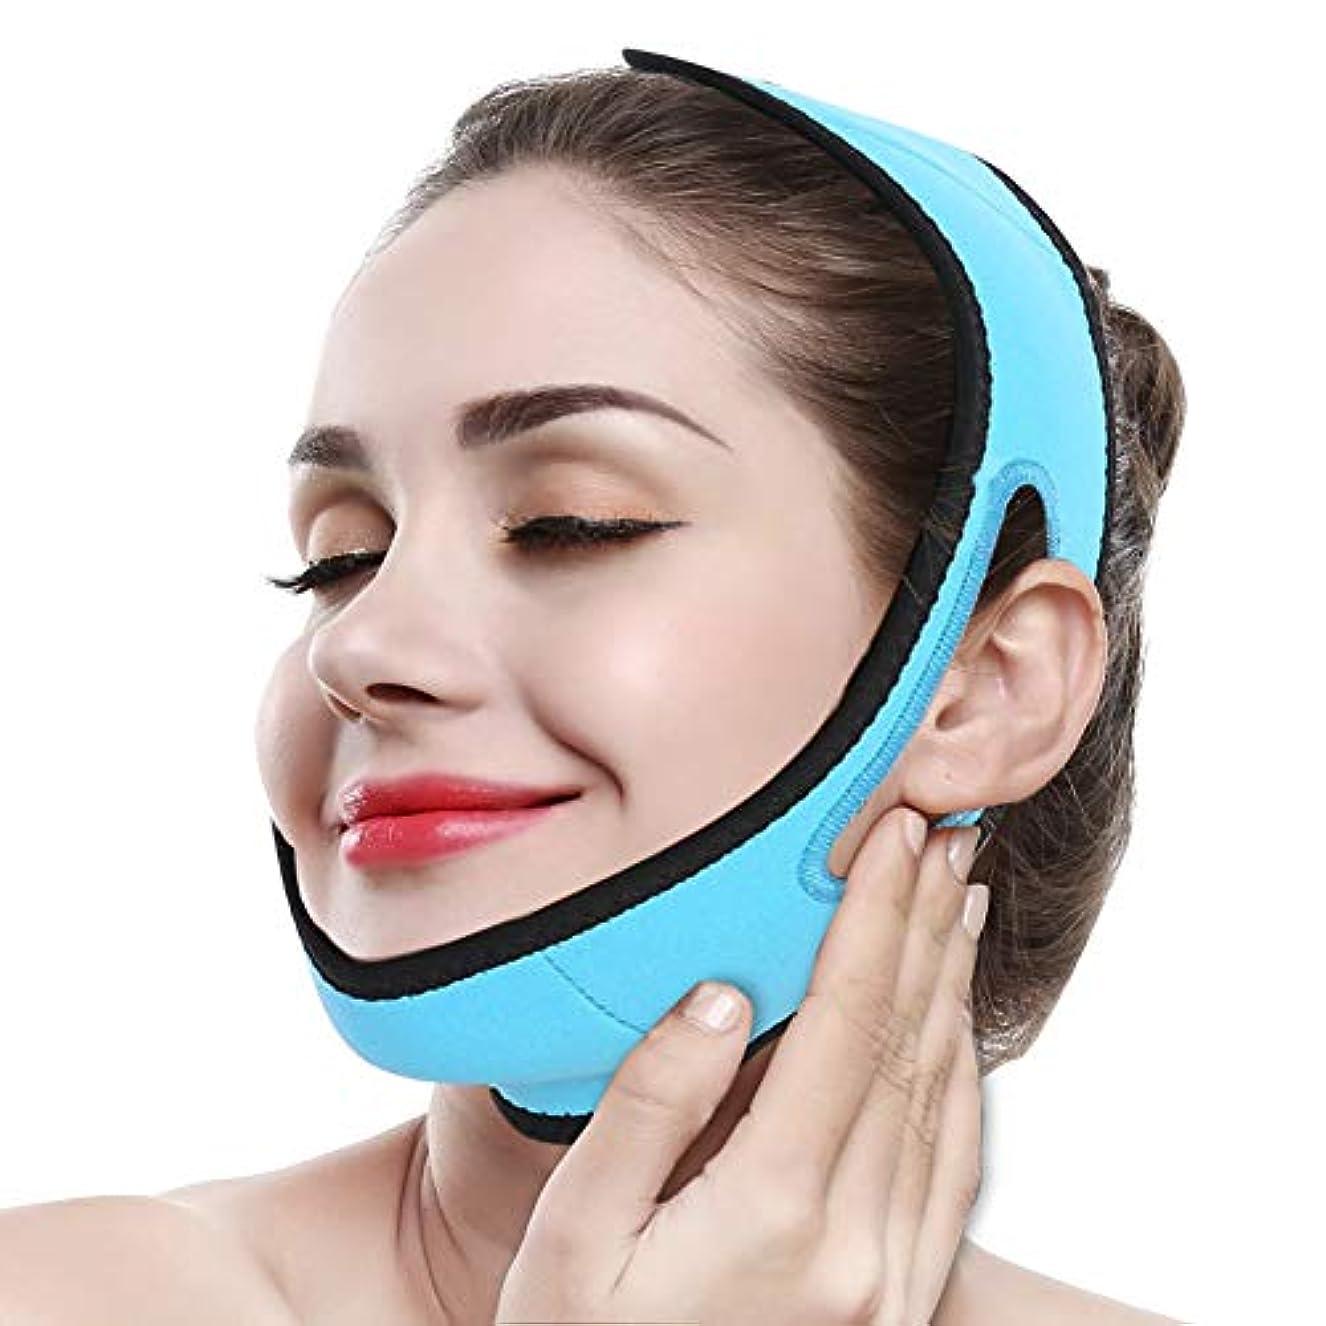 宣言する乳製品推定マッサージシリコーンのパッド、Vラインベルトの顔のマスクが付いている包帯の引き締めの顔を痩身Semmeの表面持ち上がること